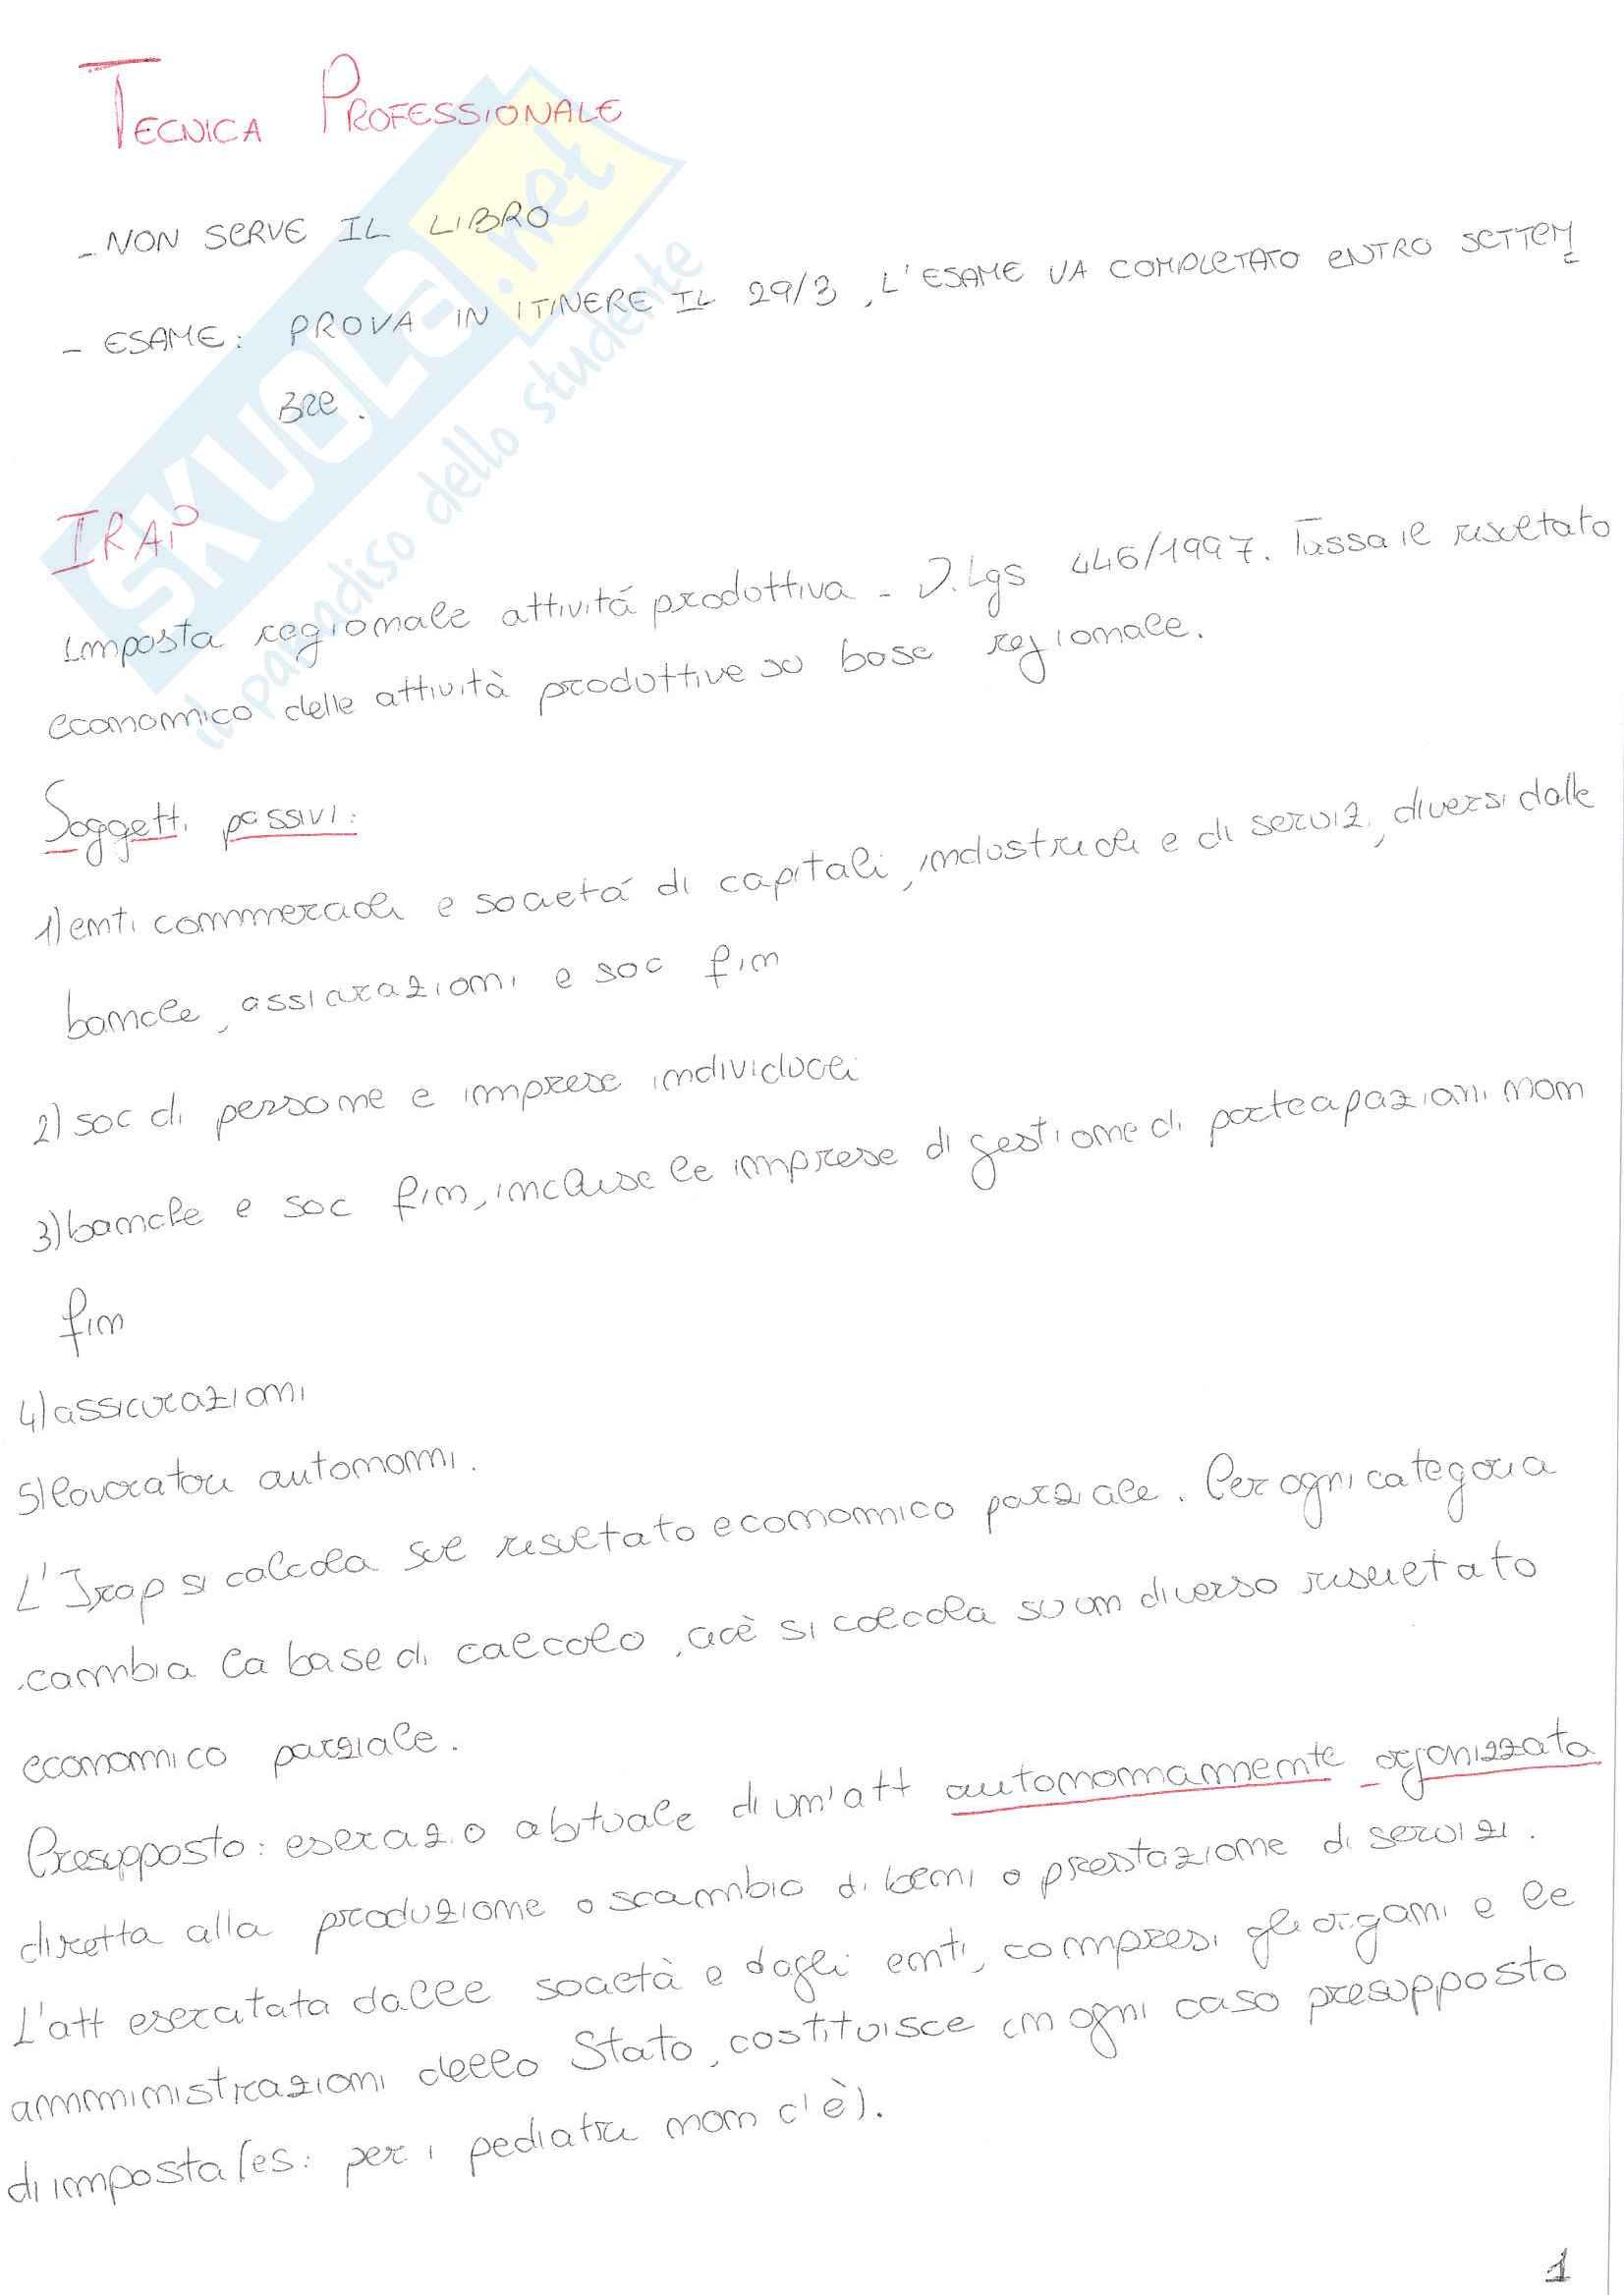 Appunti del corso tecnica professionale